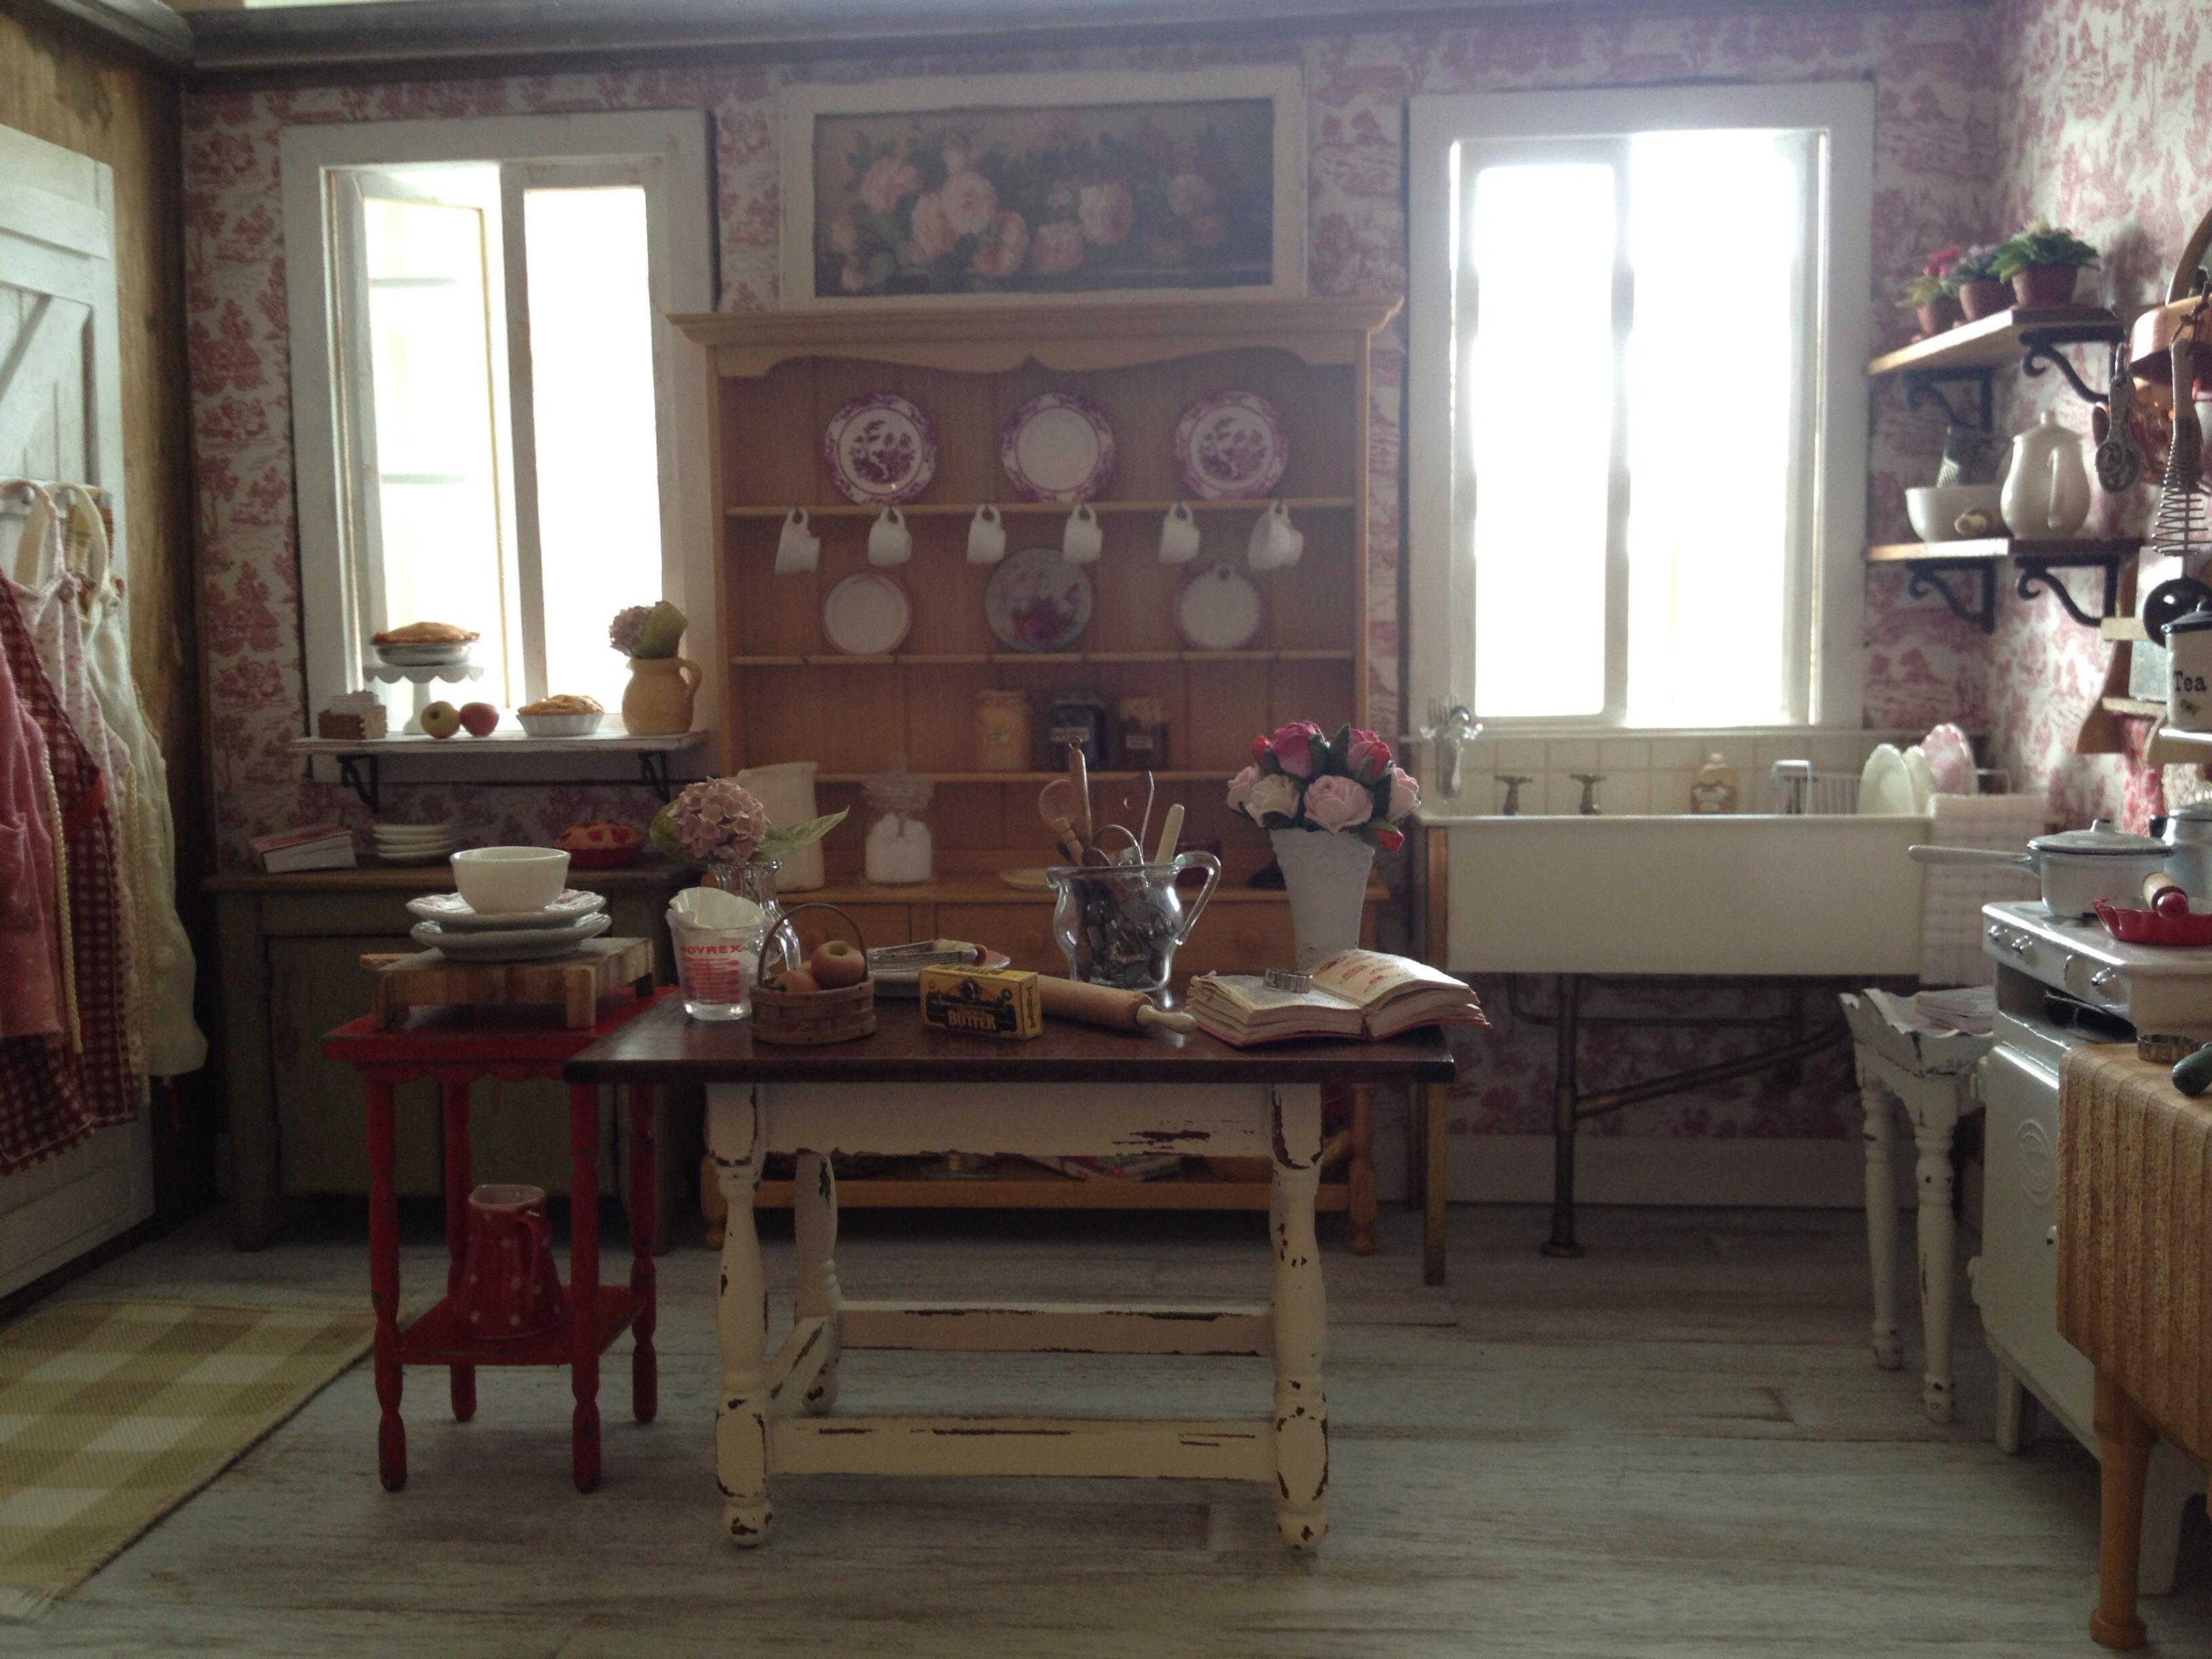 Fondos de pantalla : ventana, habitación, mesa, silla, cocina ...